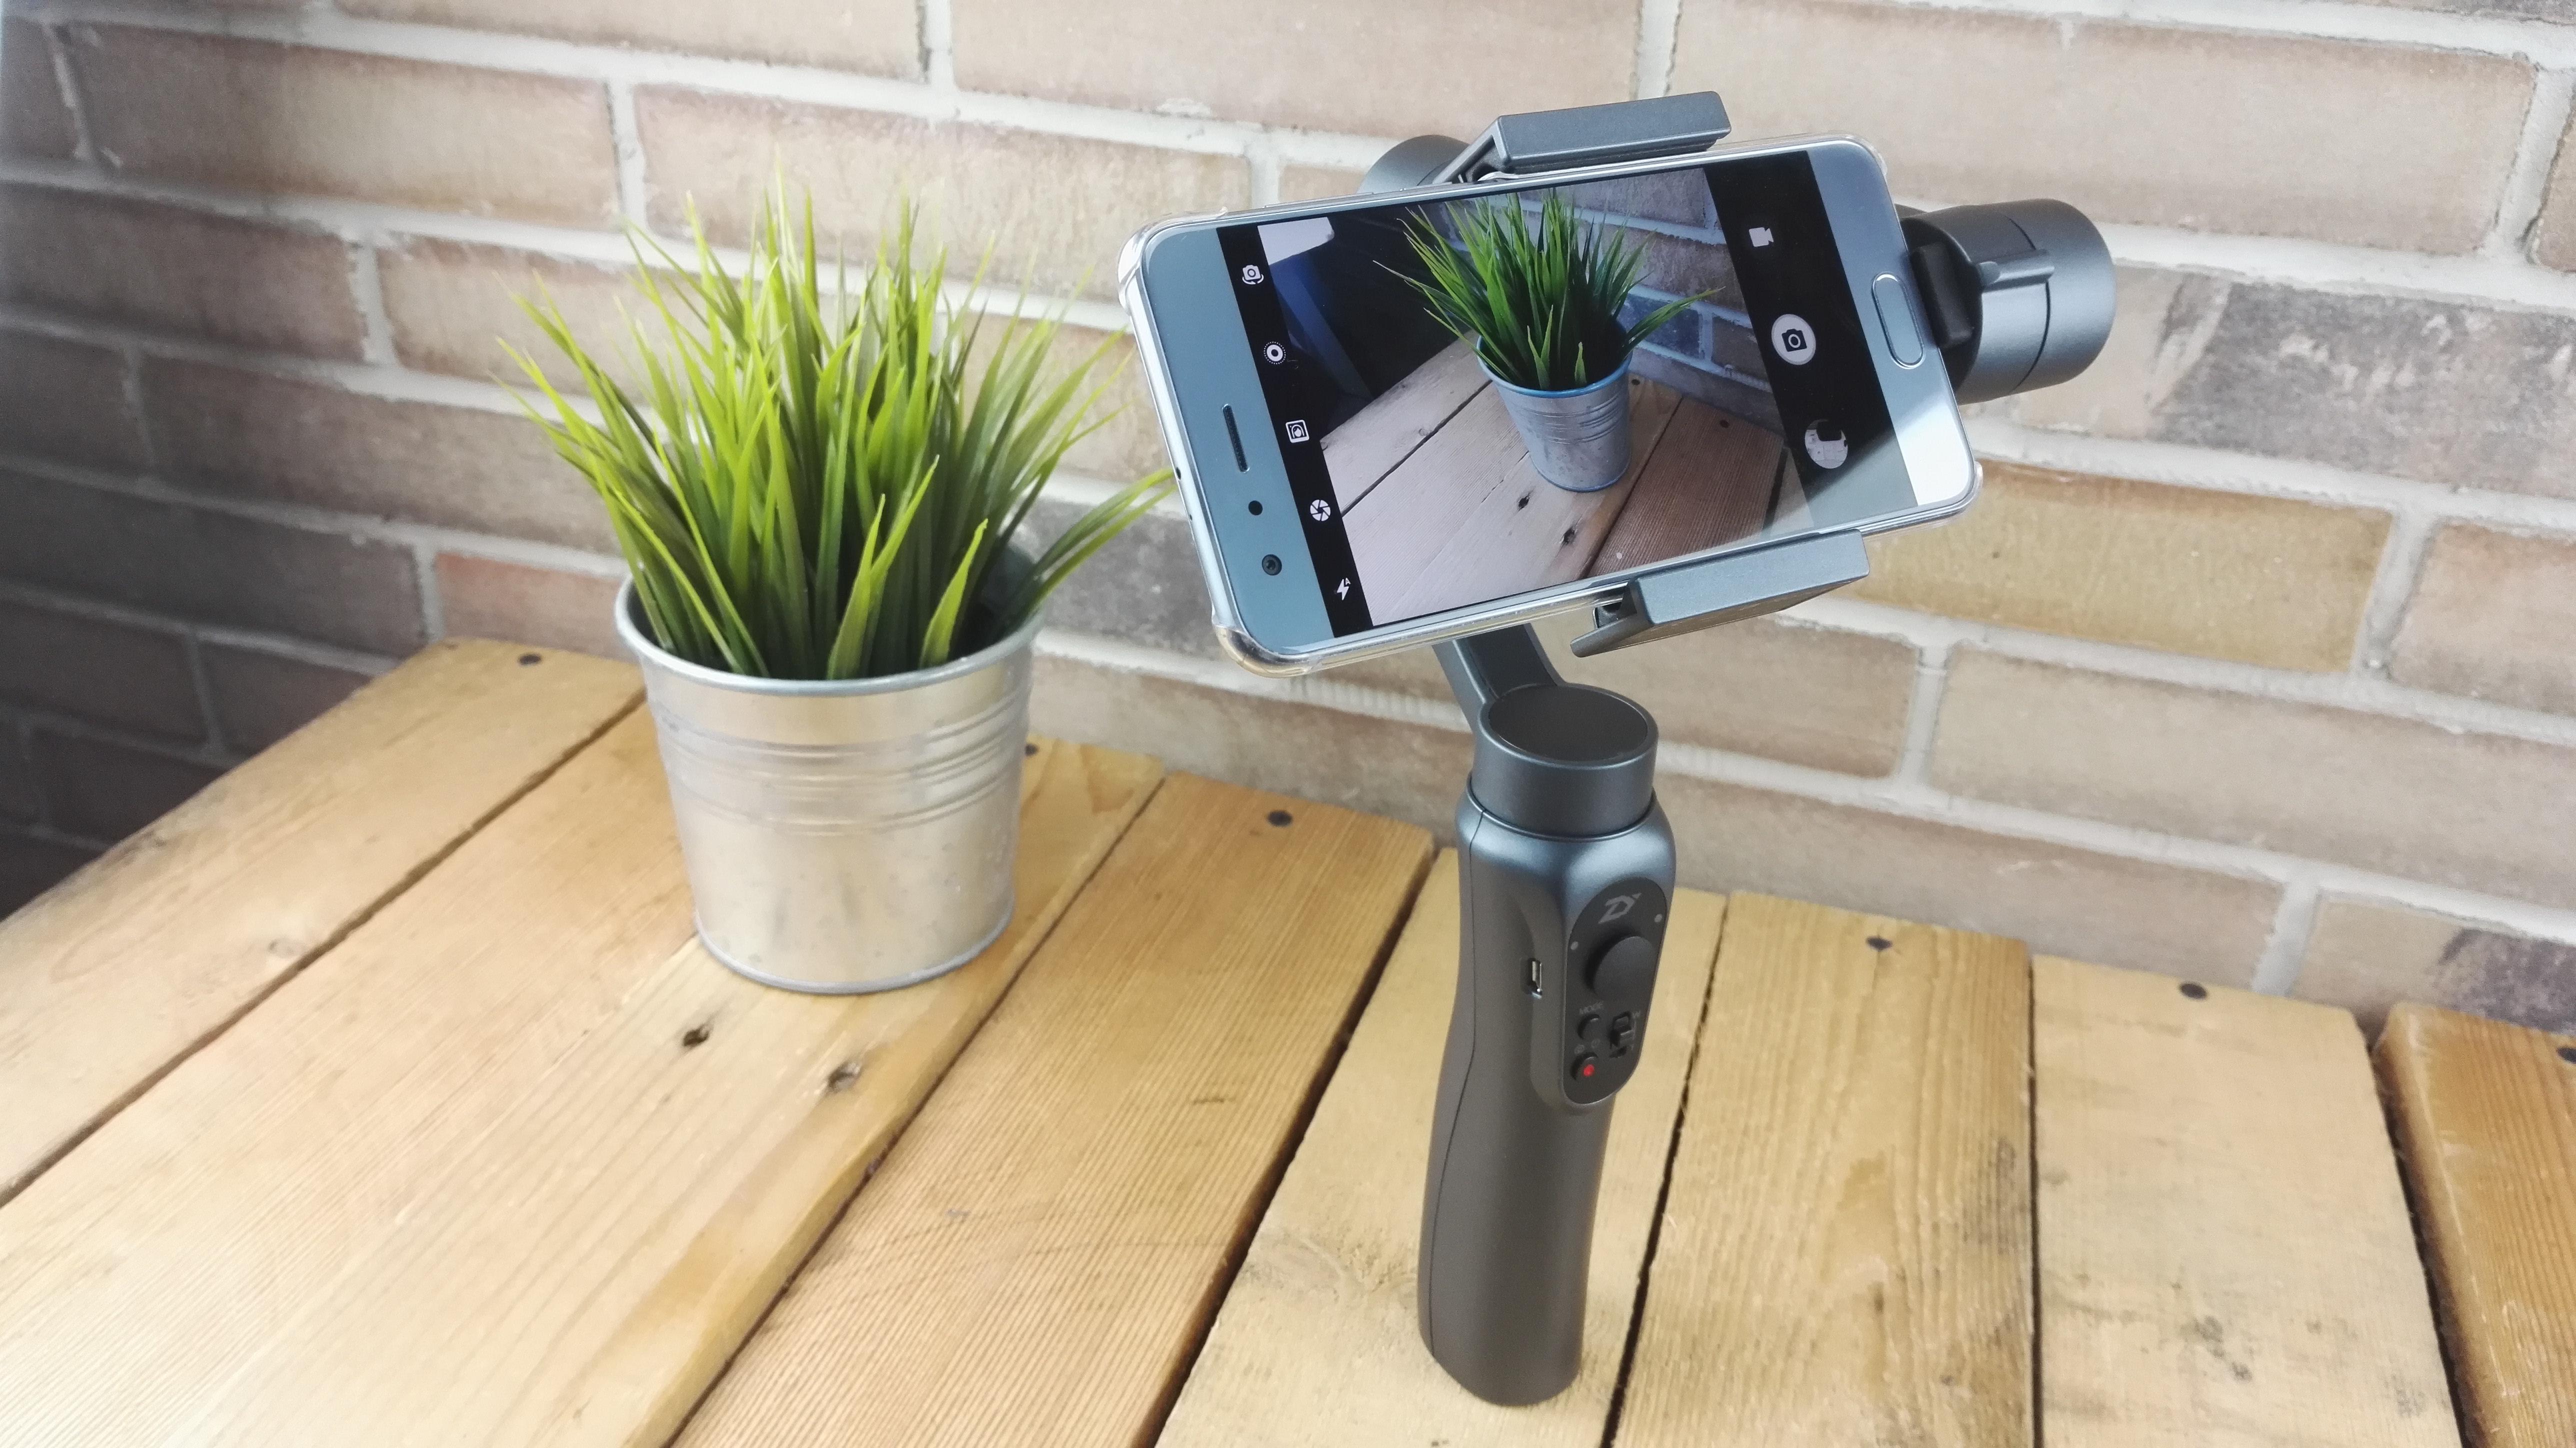 Zhiyun Smooth Q Stabilisierte Smartphone Videos Mit 3 Achsen Gimbal Tech